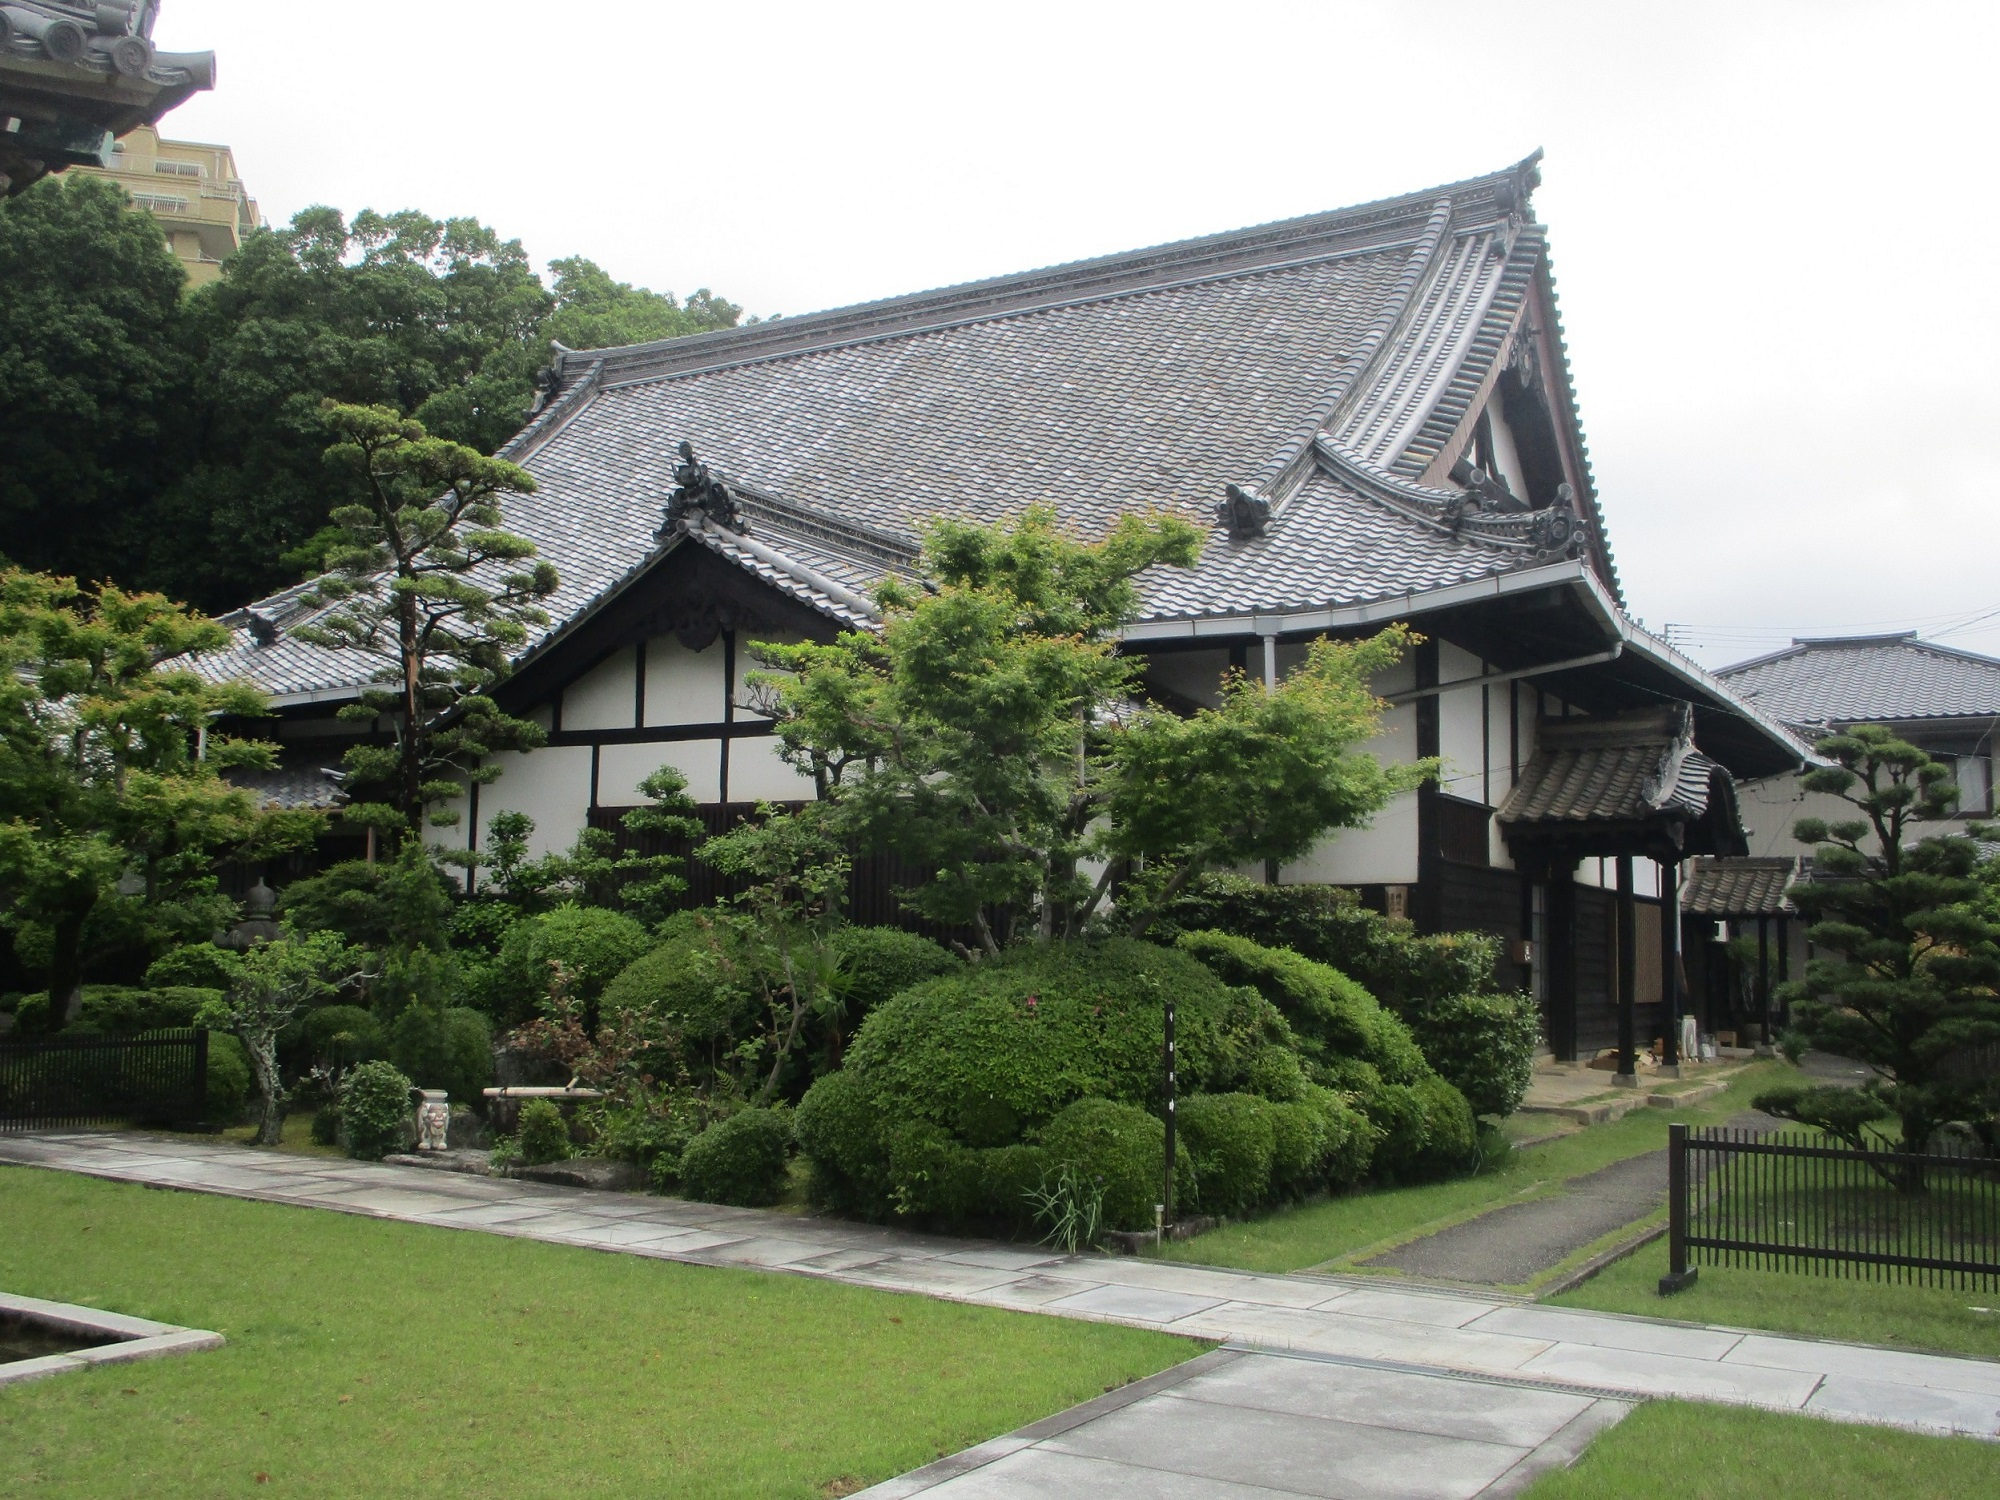 2020.5.19 (11) 随念寺 - おくり 2000-1500